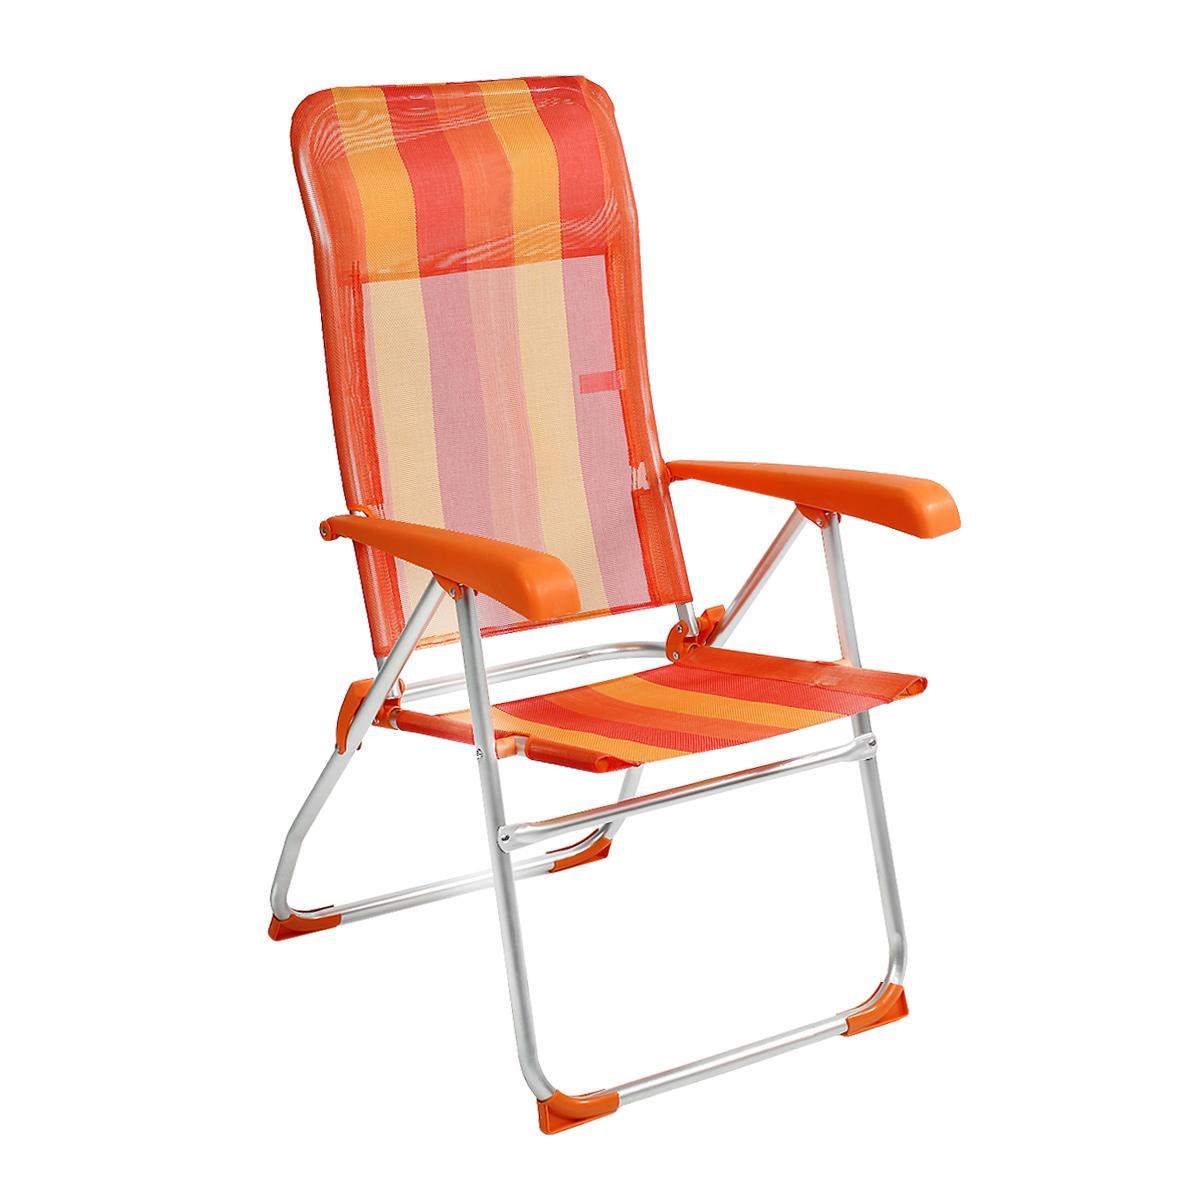 Кресло складное Happy Camper, цвет: желтый, оранжевыйEWCL-04Кресло складное Happy Camper - это незаменимый предмет походной мебели, очень удобен в эксплуатации. Каркас кресла изготовлен из прочного и долговечного алюминиевого сплава, устойчивого к погодным условиям, и оснащенный простым и безопасным механизмом регулировки и фиксации. Подлокотники выполнены из пластика. Кресло легко собирается и разбирается и не занимает много места, поэтому подходит для транспортировки и хранения дома. Складное кресло прекрасно подойдет для комфортного отдыха на даче или в походе. Характеристики: Материал: текстилен 1х1, алюминий. Размеры кресла в разложенном состоянии: 61 см х 64 см х 110 см. Максимальная нагрузка: 110 кг.